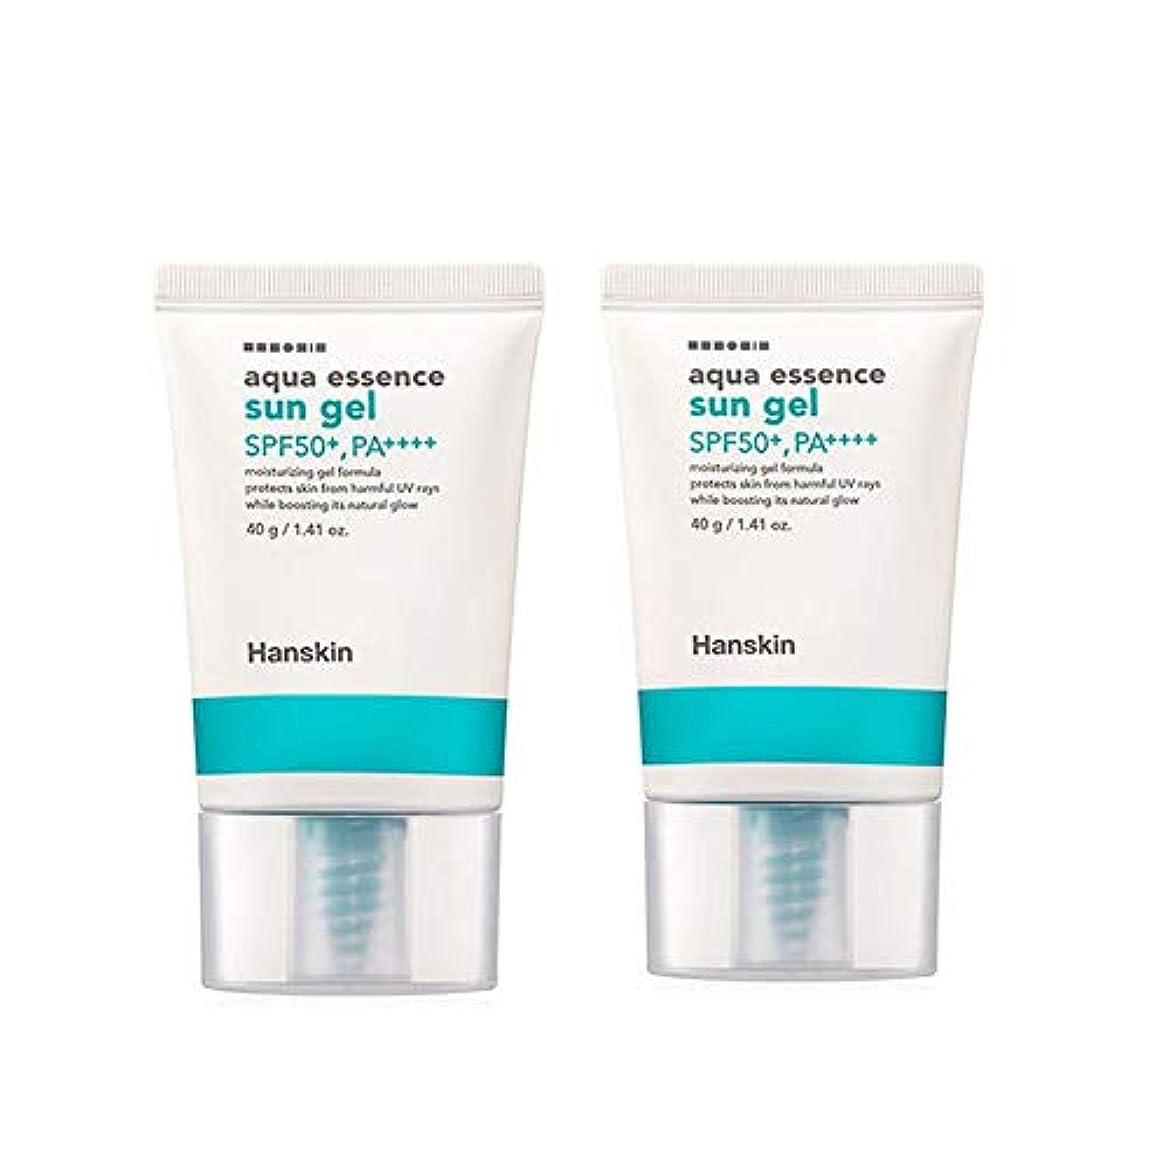 アンカー剥離コジオスコハンスキンアクアエッセンスサンゼル40gx2本セットサンクリーム韓国コスメ、Hanskin Aqua Essence Sun Gel 40g x 2ea Set Sun Cream Korean Cosmetics [並行輸入品]